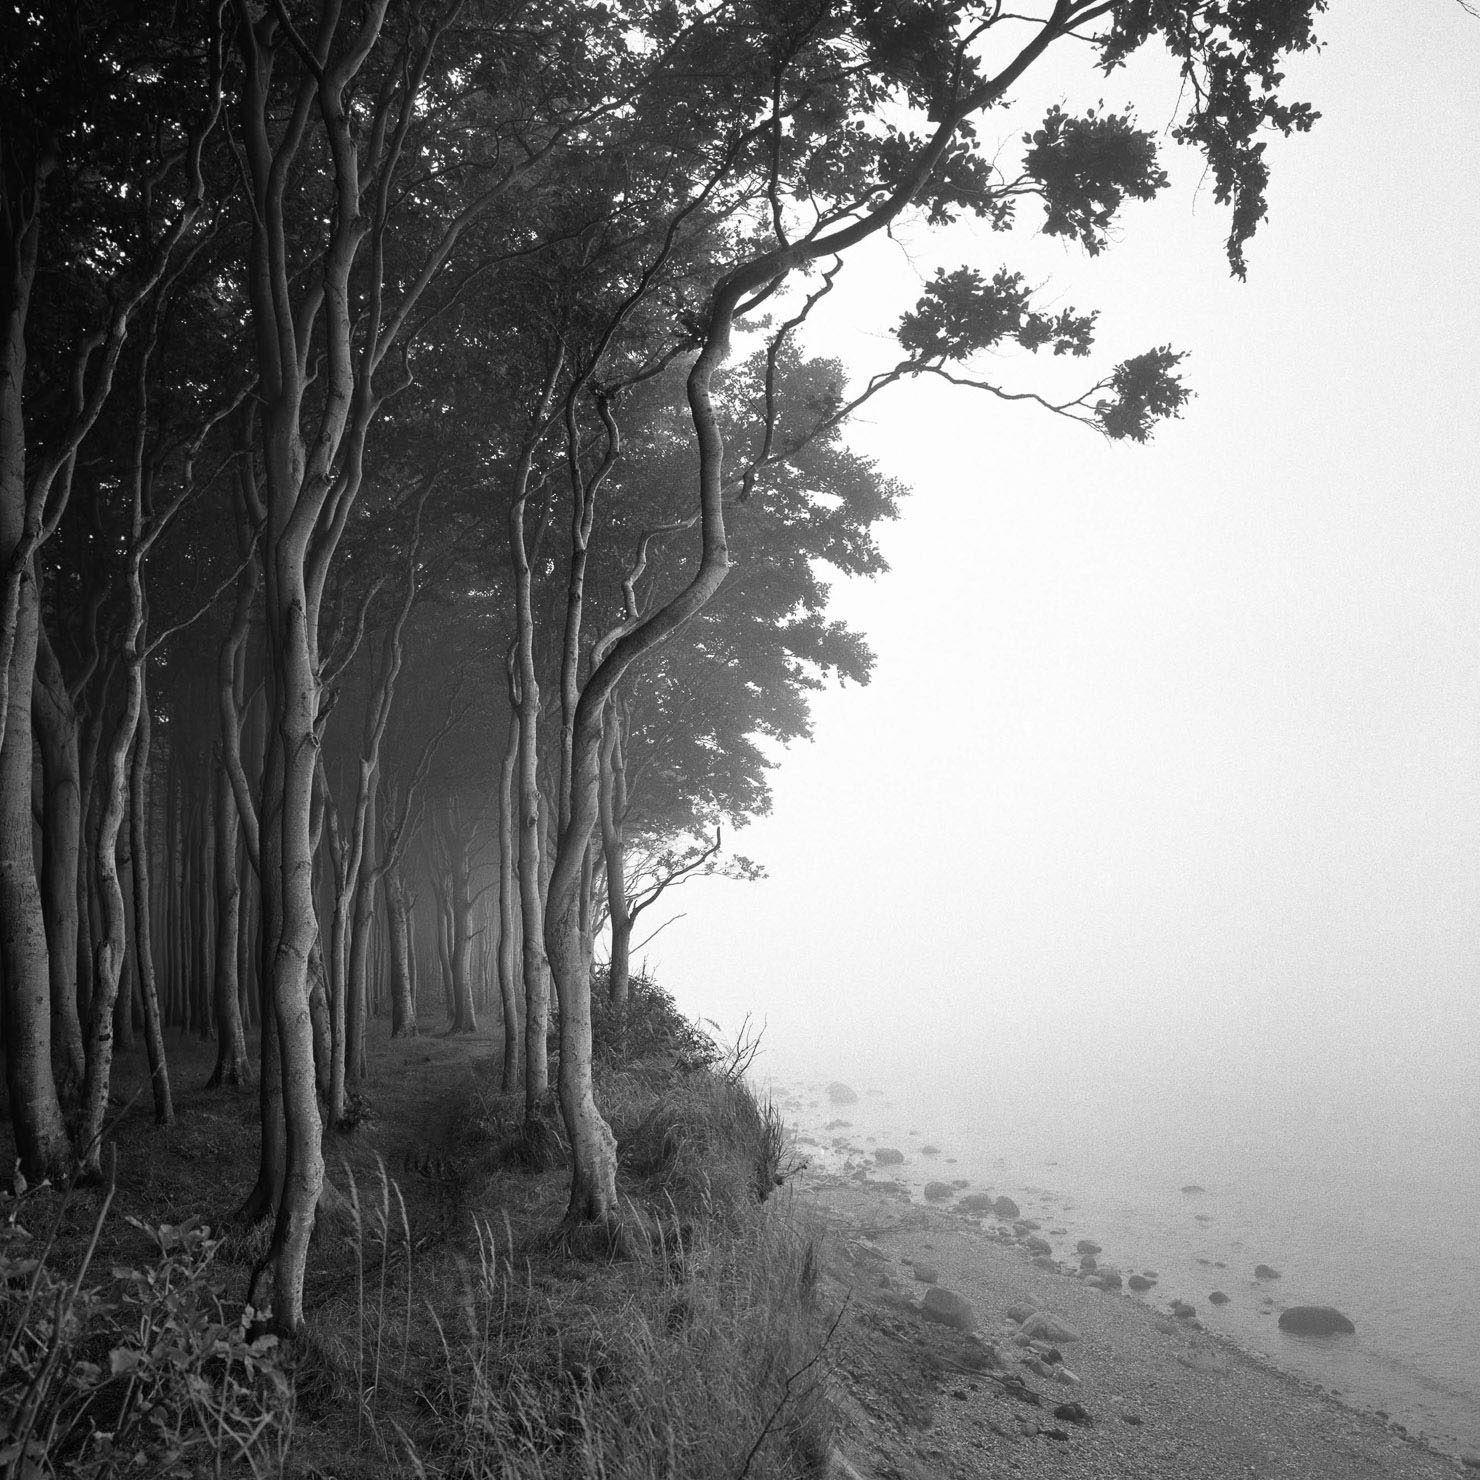 Waldfotografie, Naturfotografie, Landschaftsfotografie, Baumfoto als Fotokunst exklusiv bei der internationalen Galerie Lumas